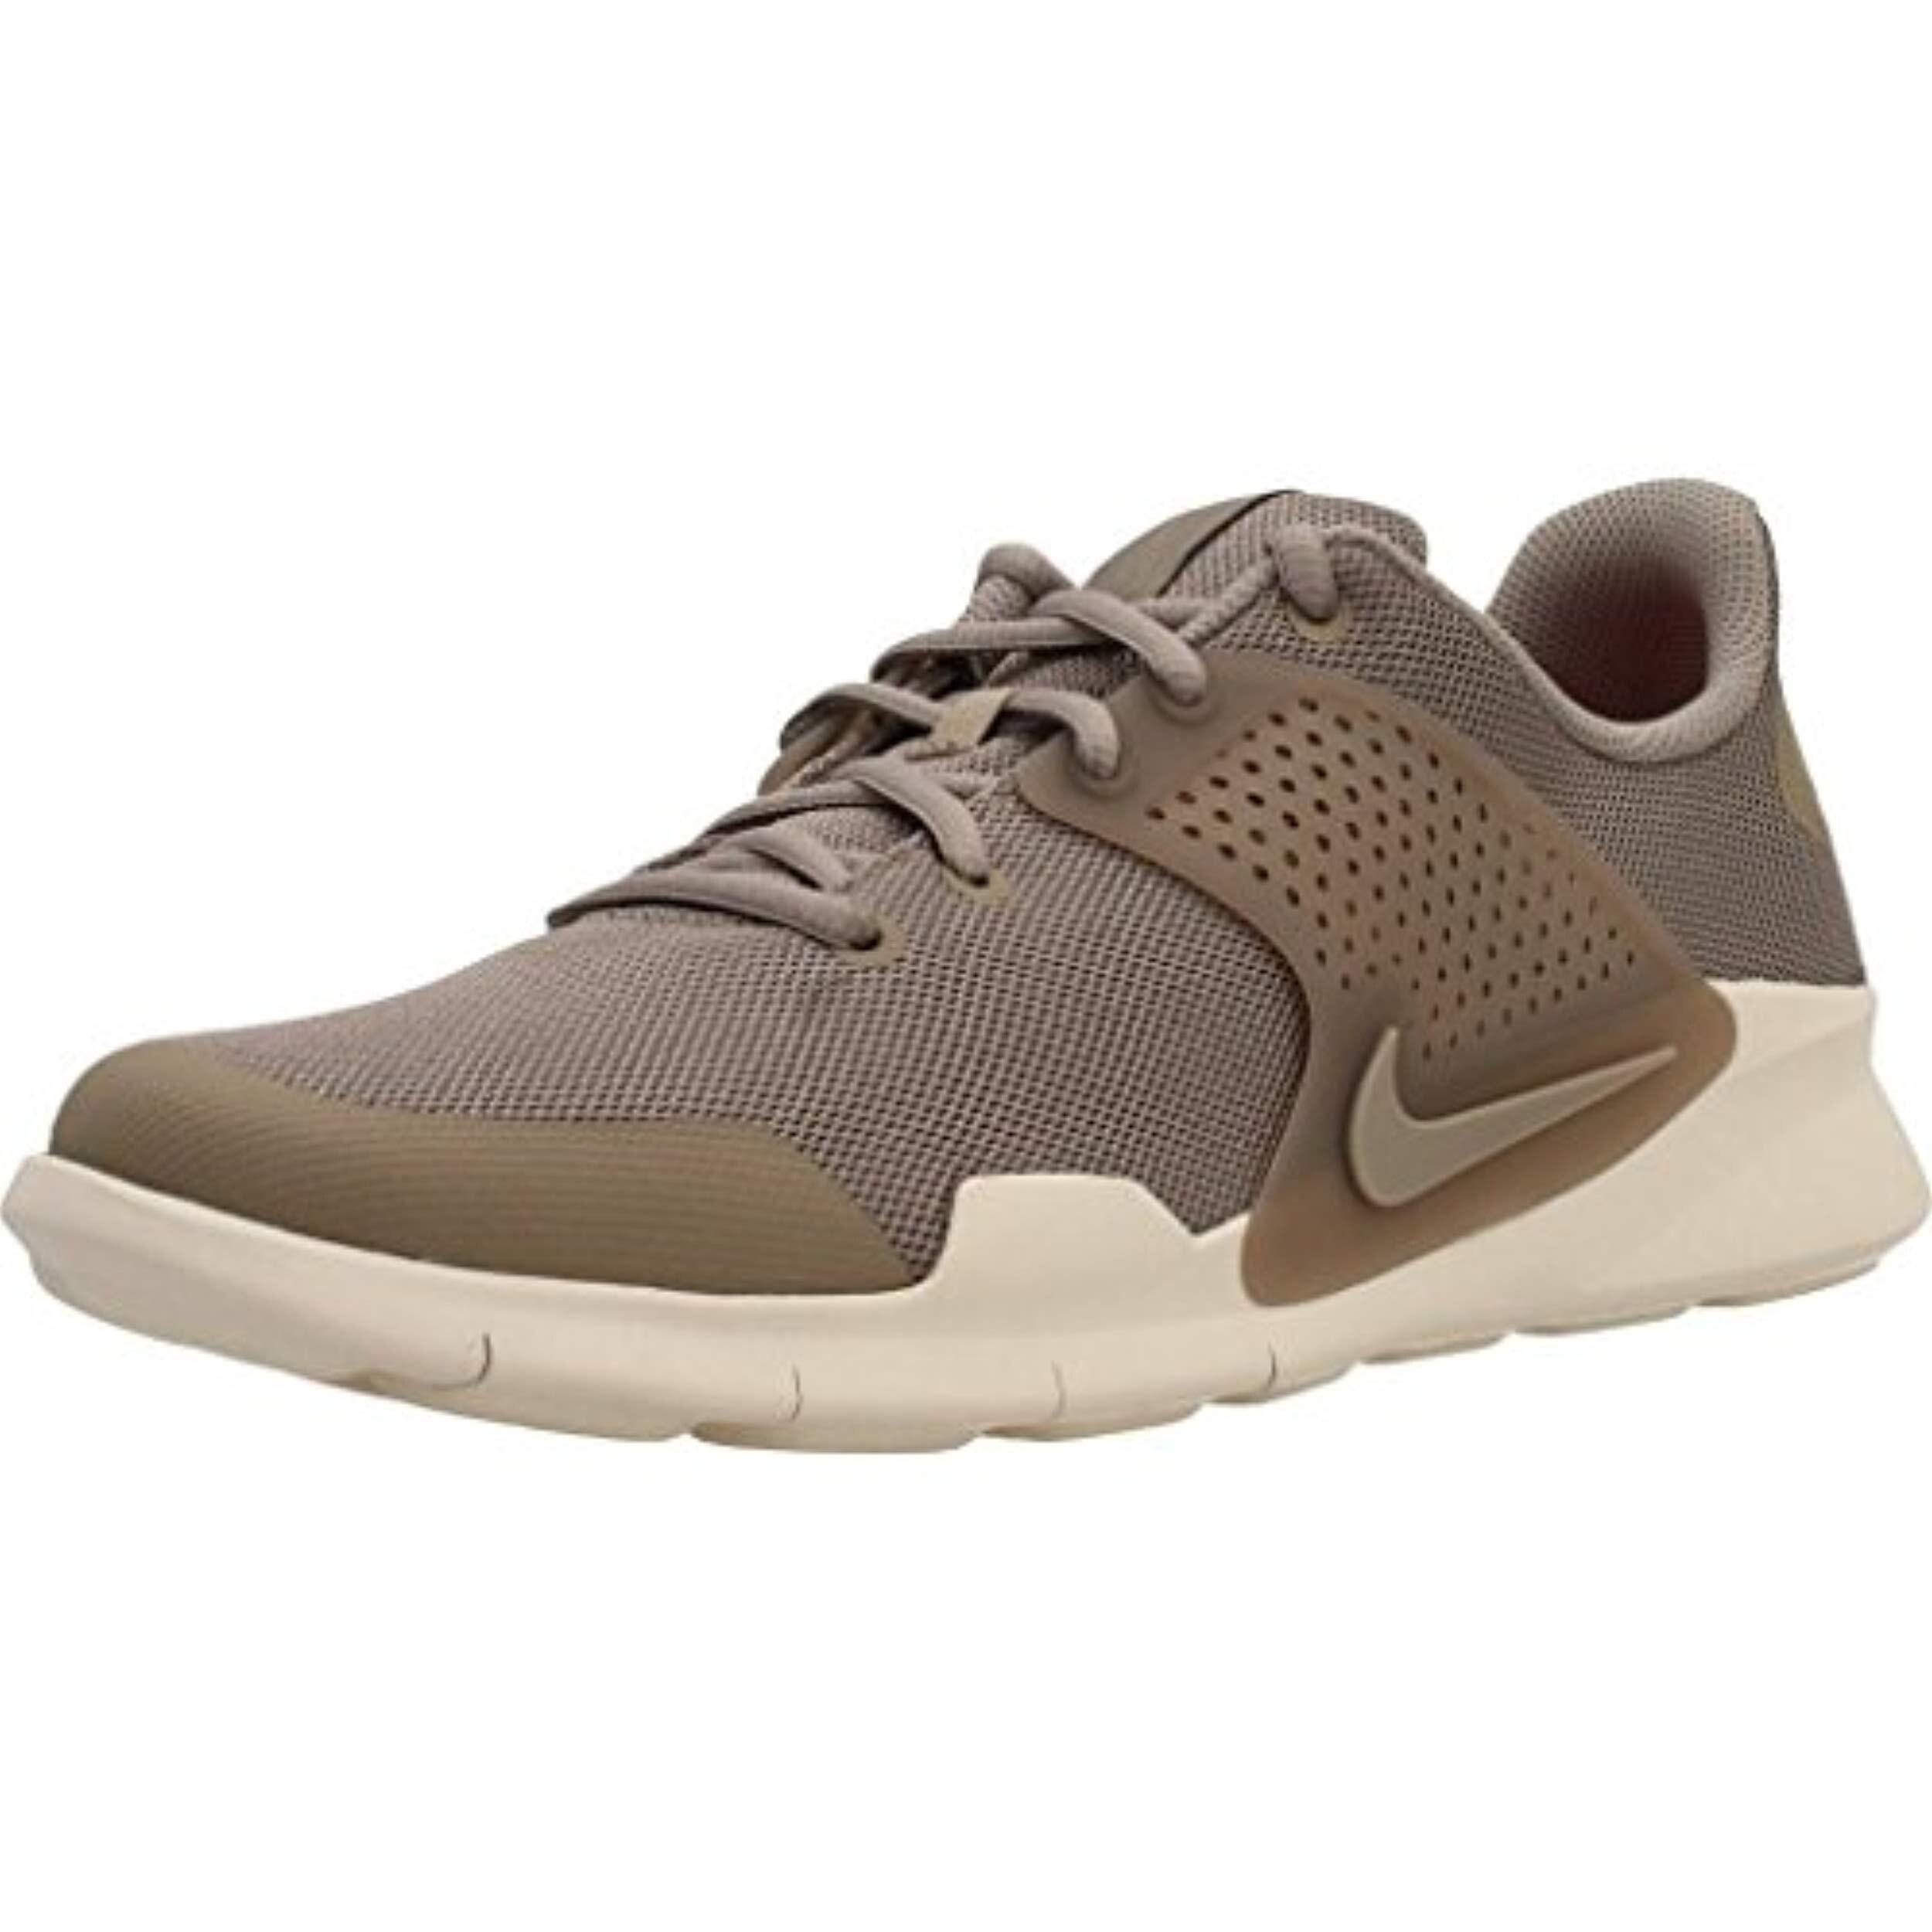 Nike Arrowz Mens 902813-201 Size